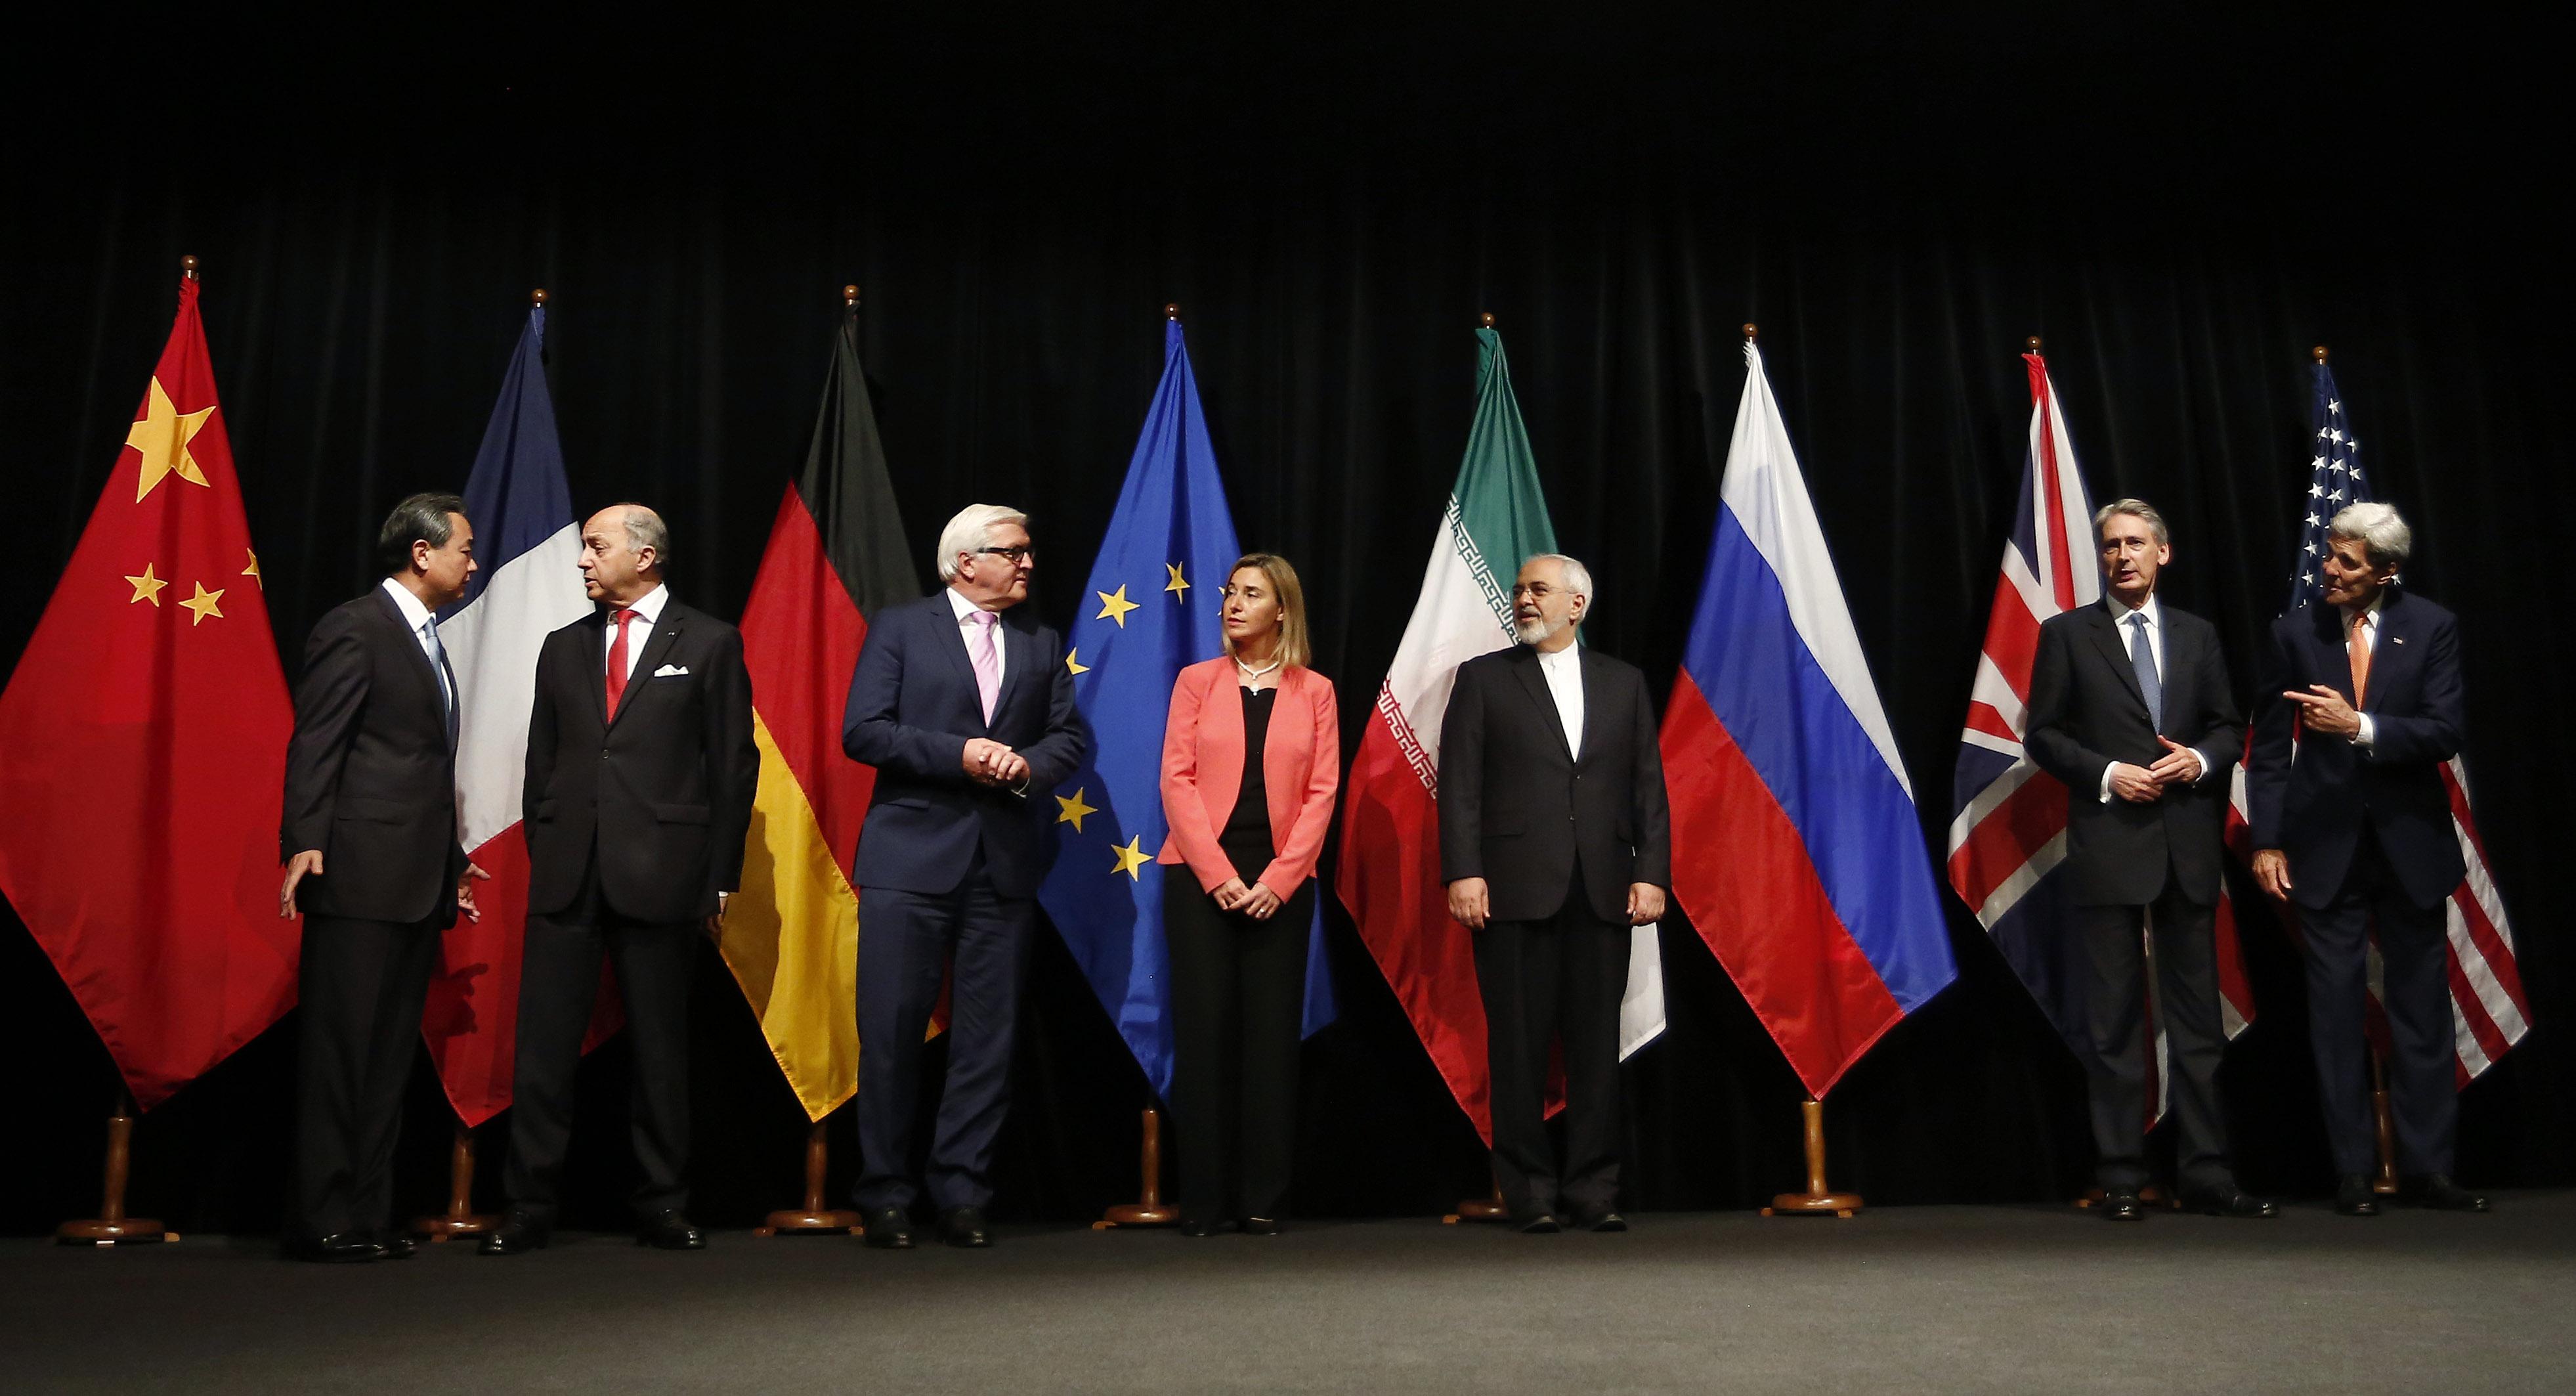 دو ديپلمات سابق آمريكا: حالا زمان مذاكره با ايران است